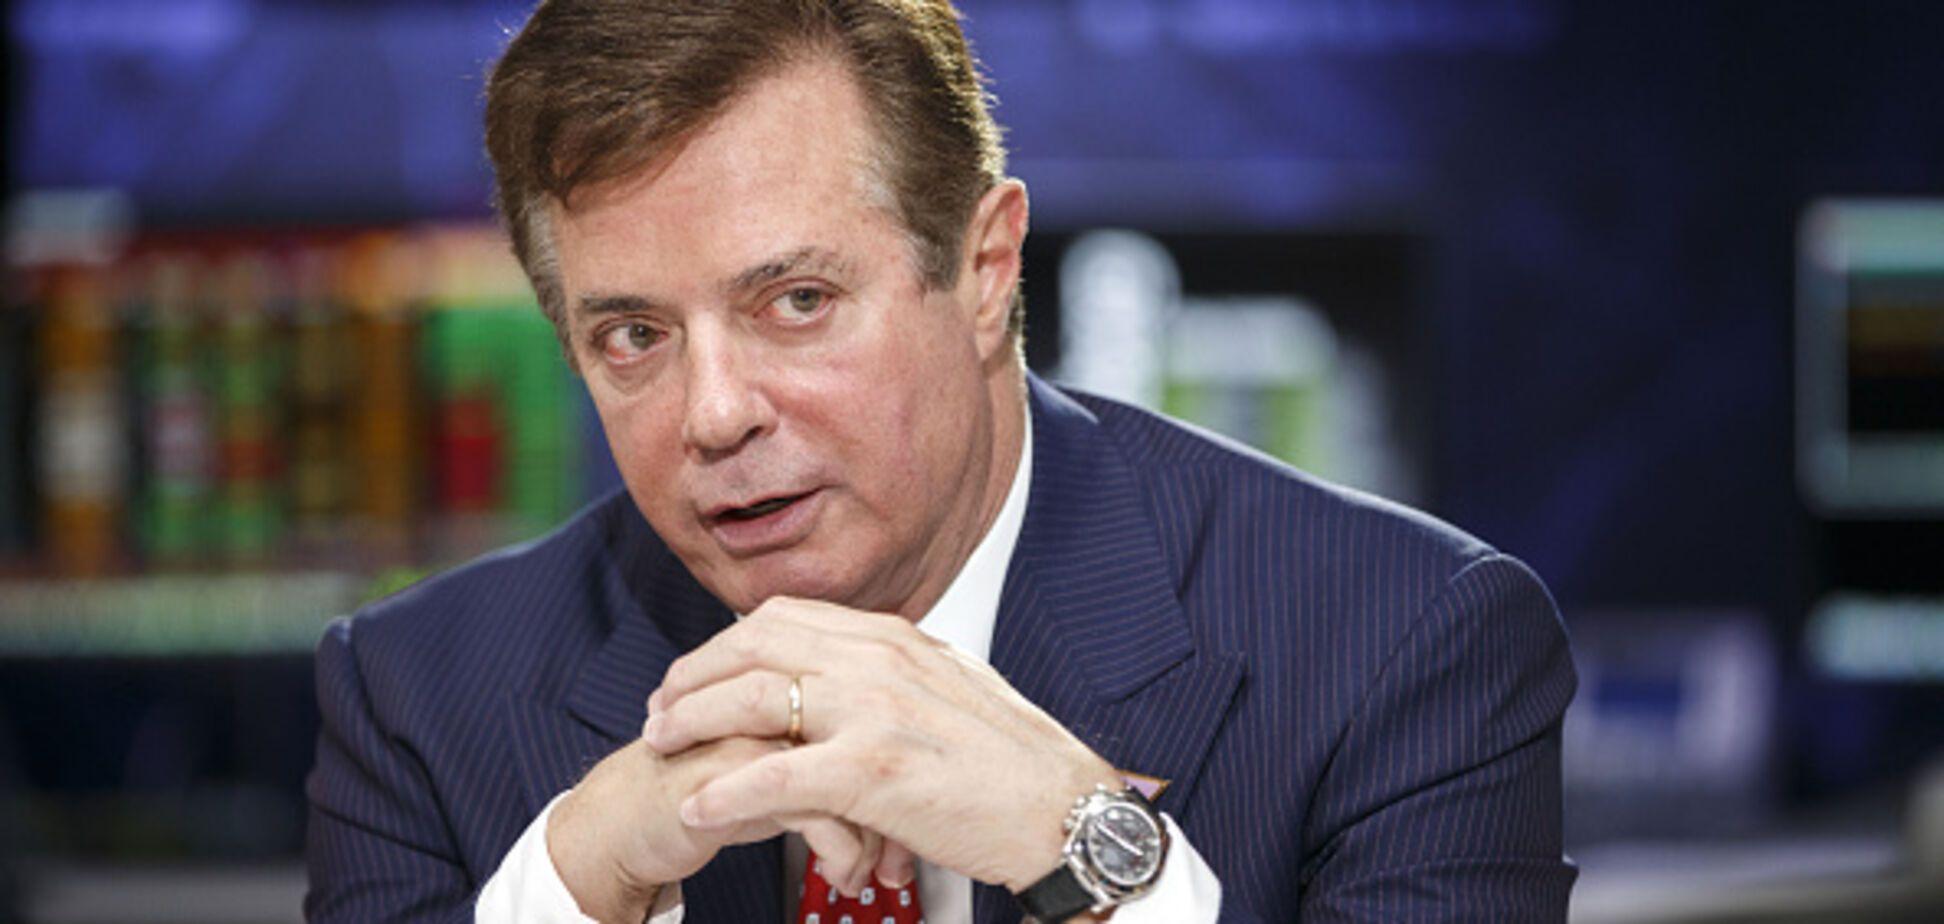 З 2004 року: ФБР запідозрило Манафорта у відмиванні грошей для Януковича